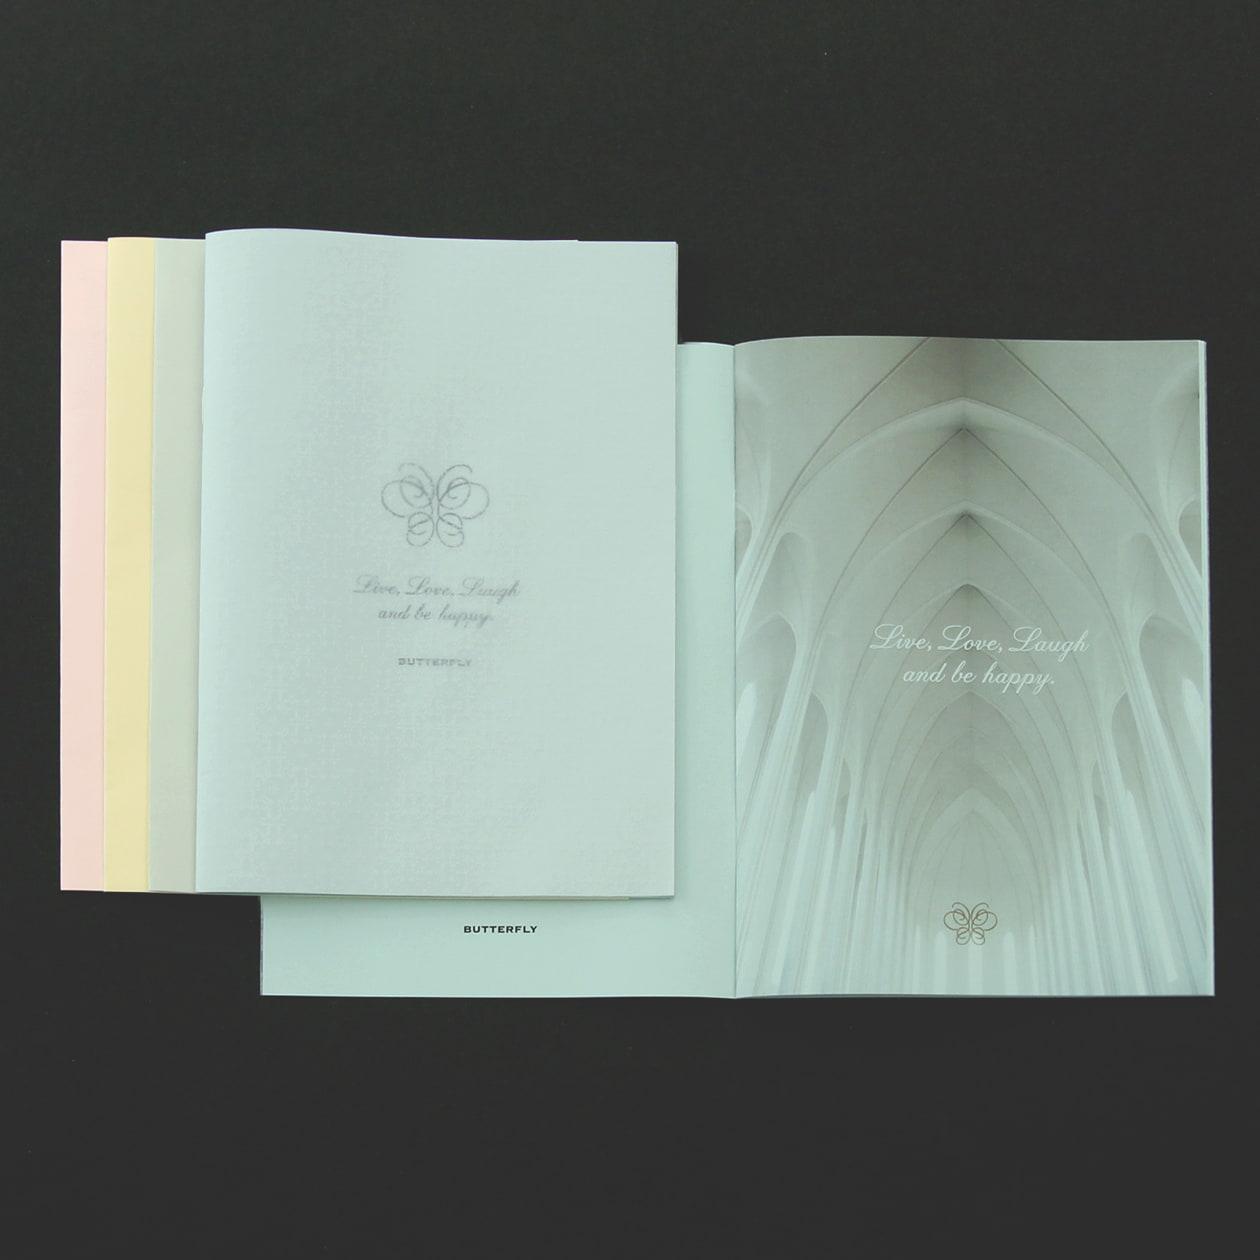 透け感のある表紙で印象に残る冊子